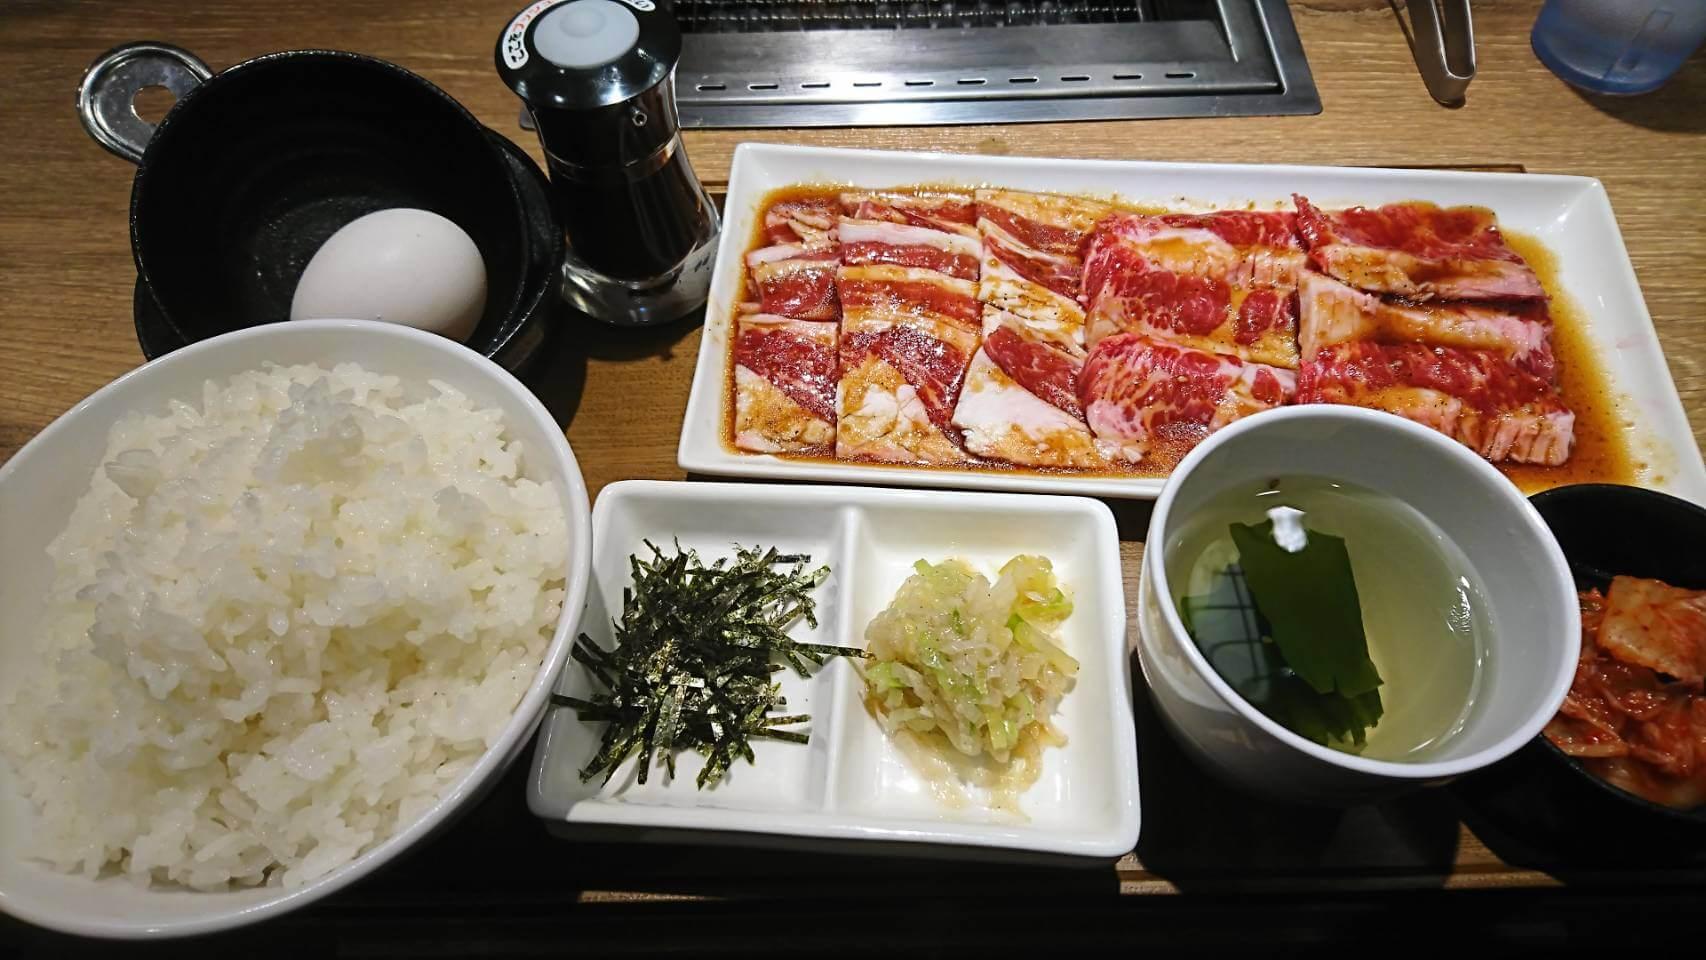 「焼肉ライク 熊本下通り店」コスパめちゃ良い。肉好きにはもってこいのお店!!熊本・下通り/焼肉